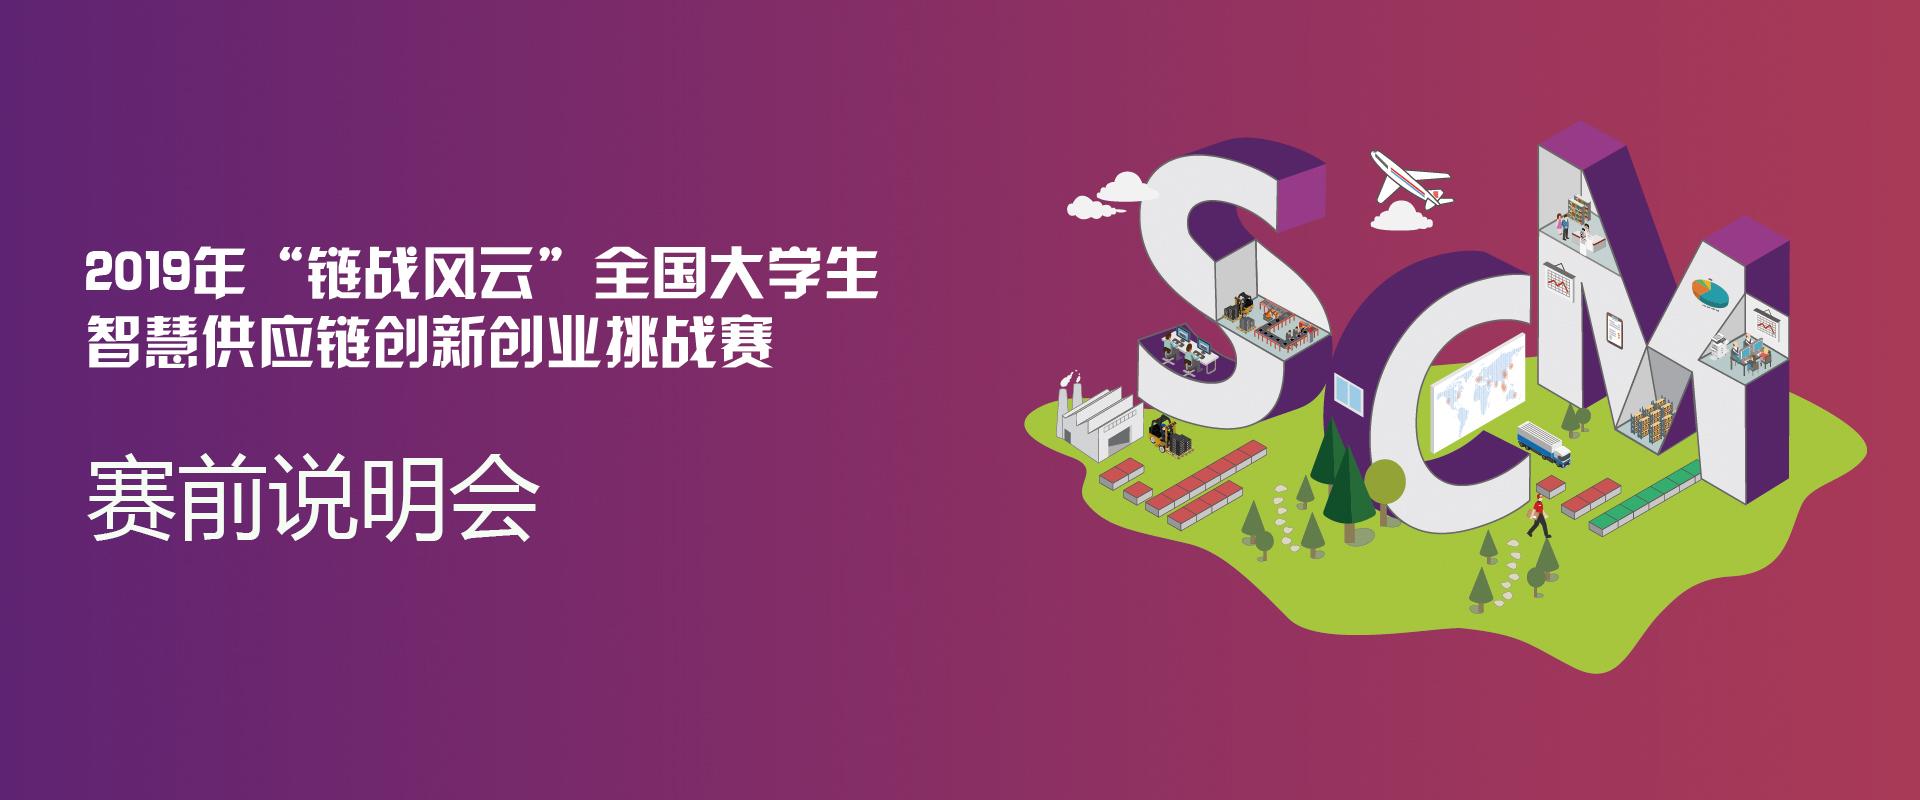 2019链战风云全国大学生智慧供应链创新创业挑战赛(高职组)